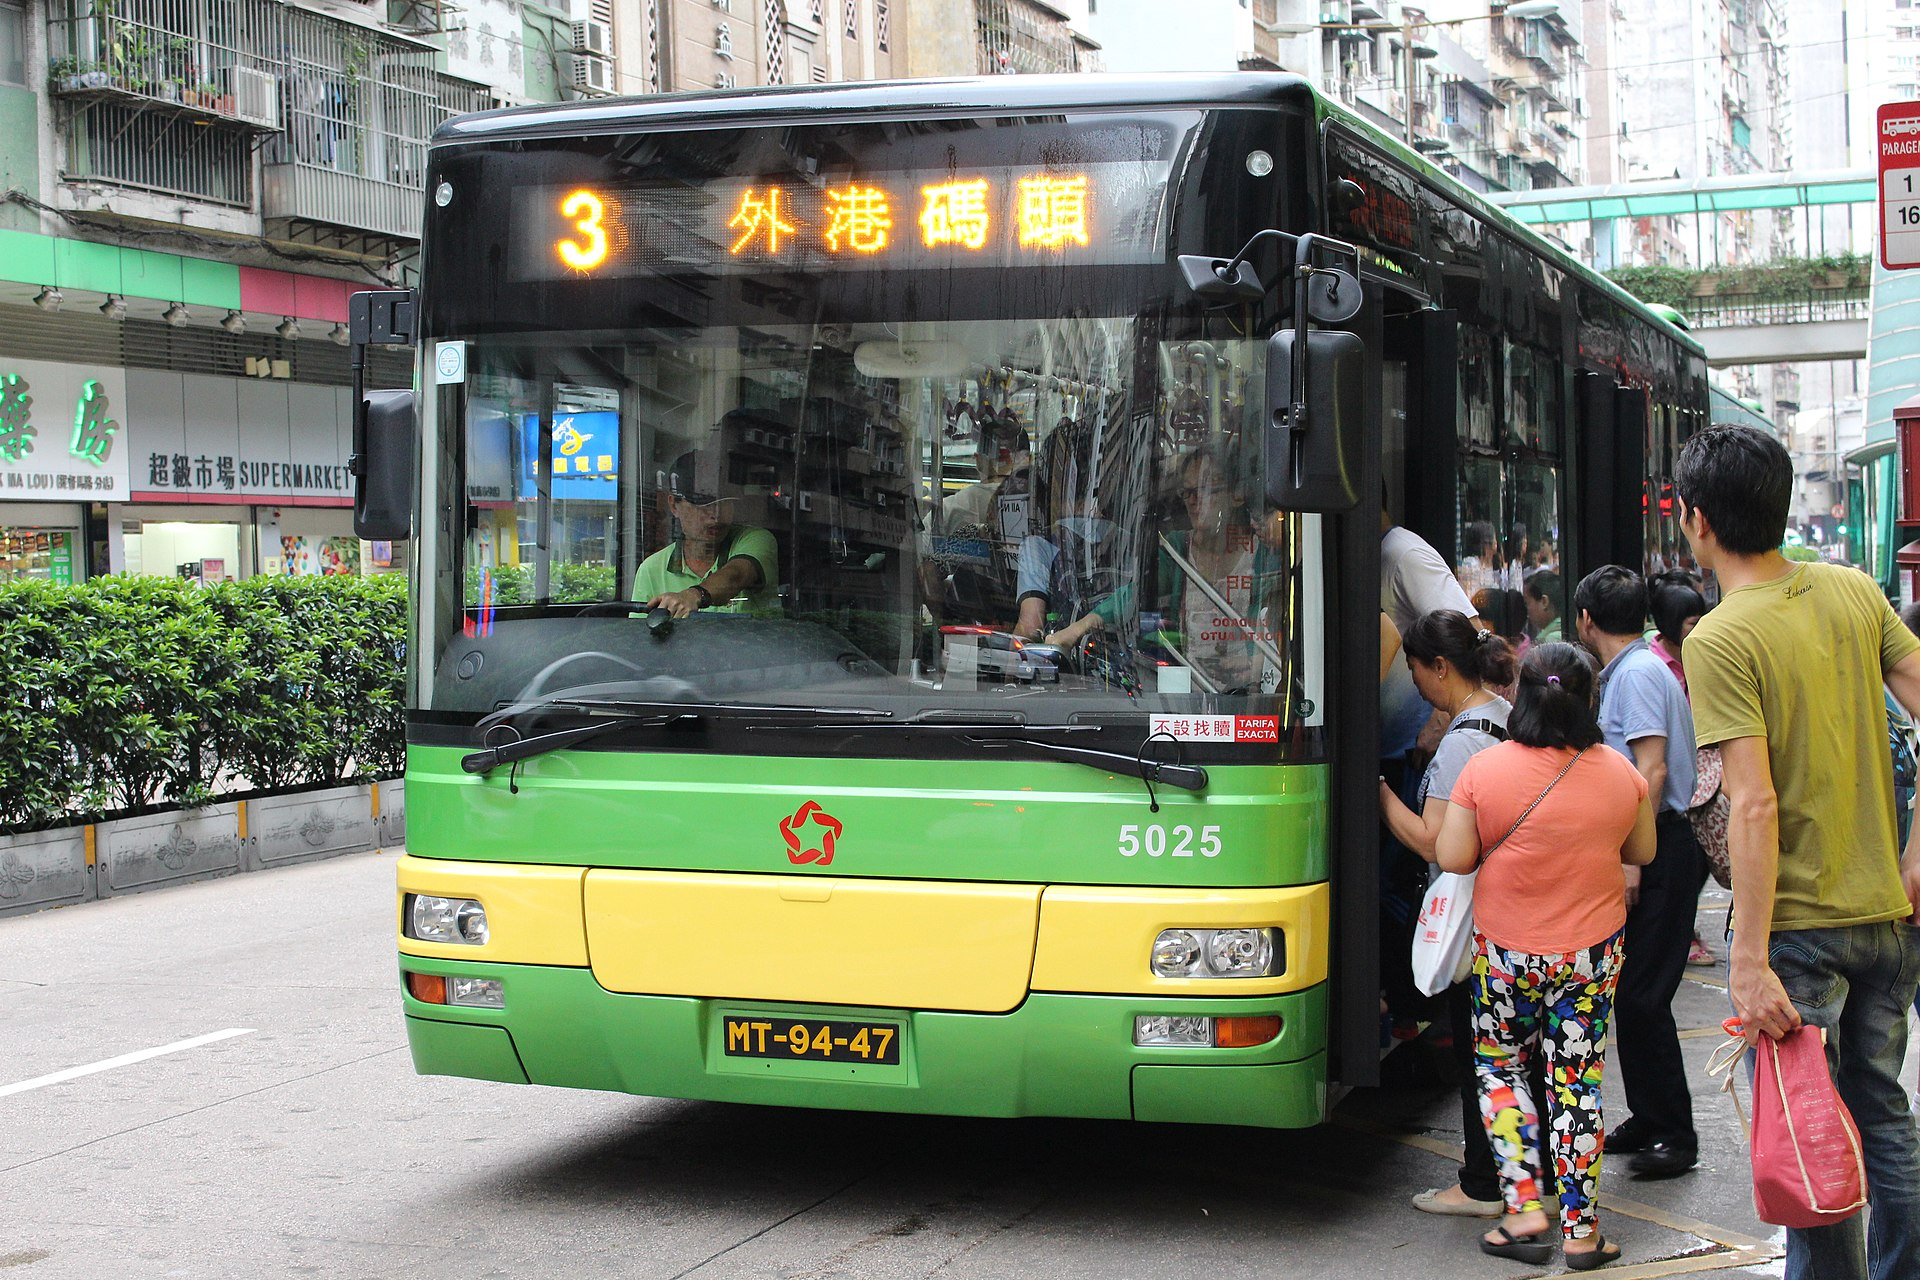 澳門巴士3路線 - 維基百科,自由的百科全書